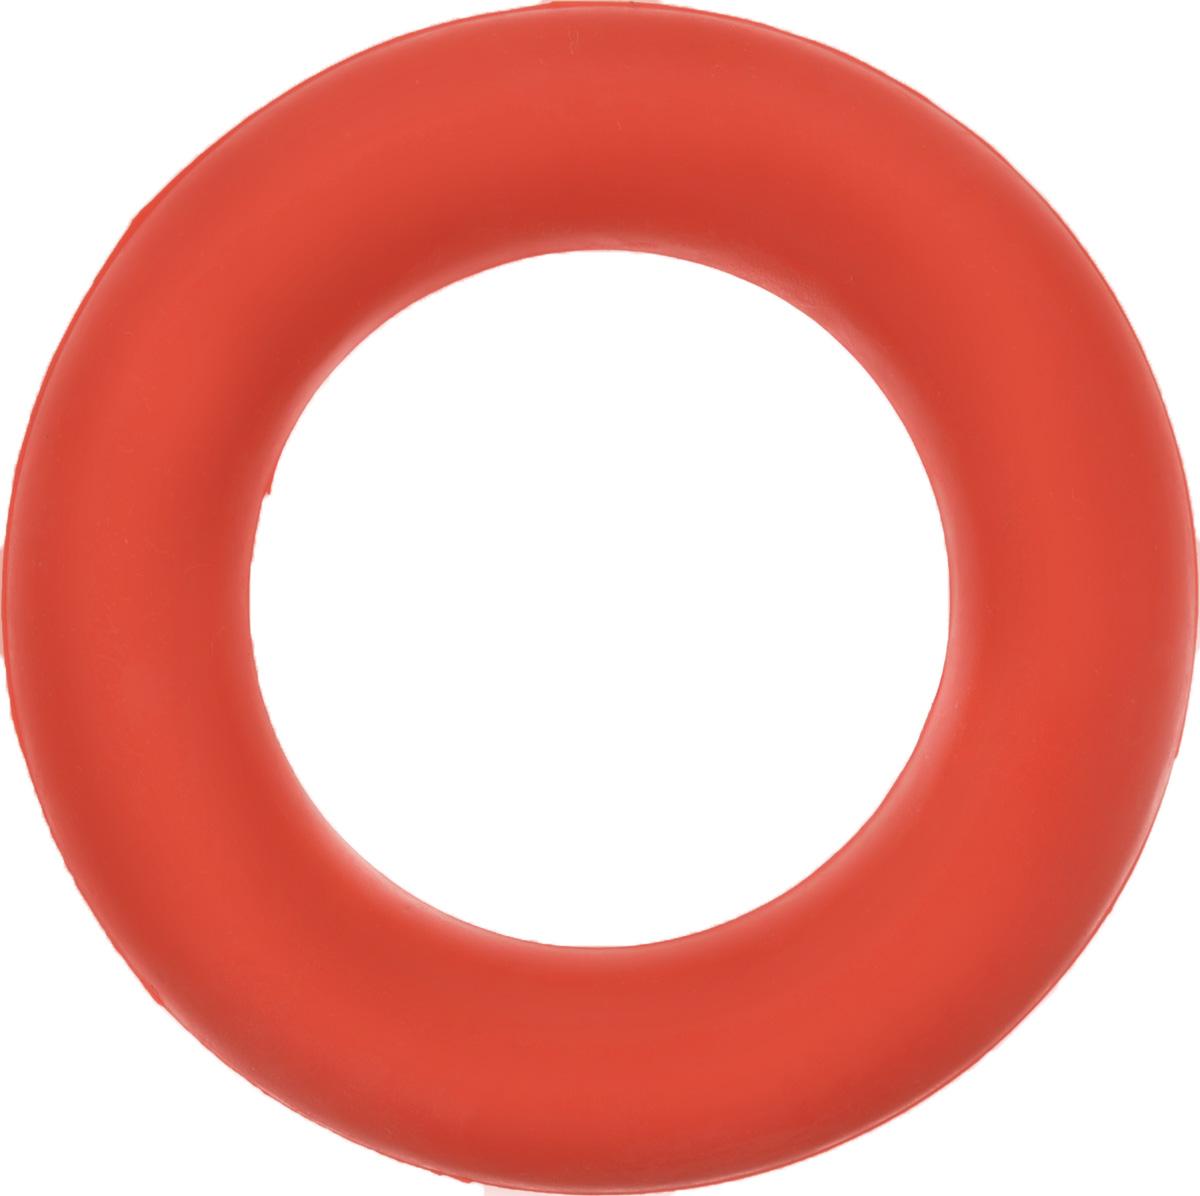 Игрушка для собак Каскад Кольцо, цвет: коралловый, диаметр 9 см игрушка для животных каскад мяч мина резиновый цвет красный 10 см